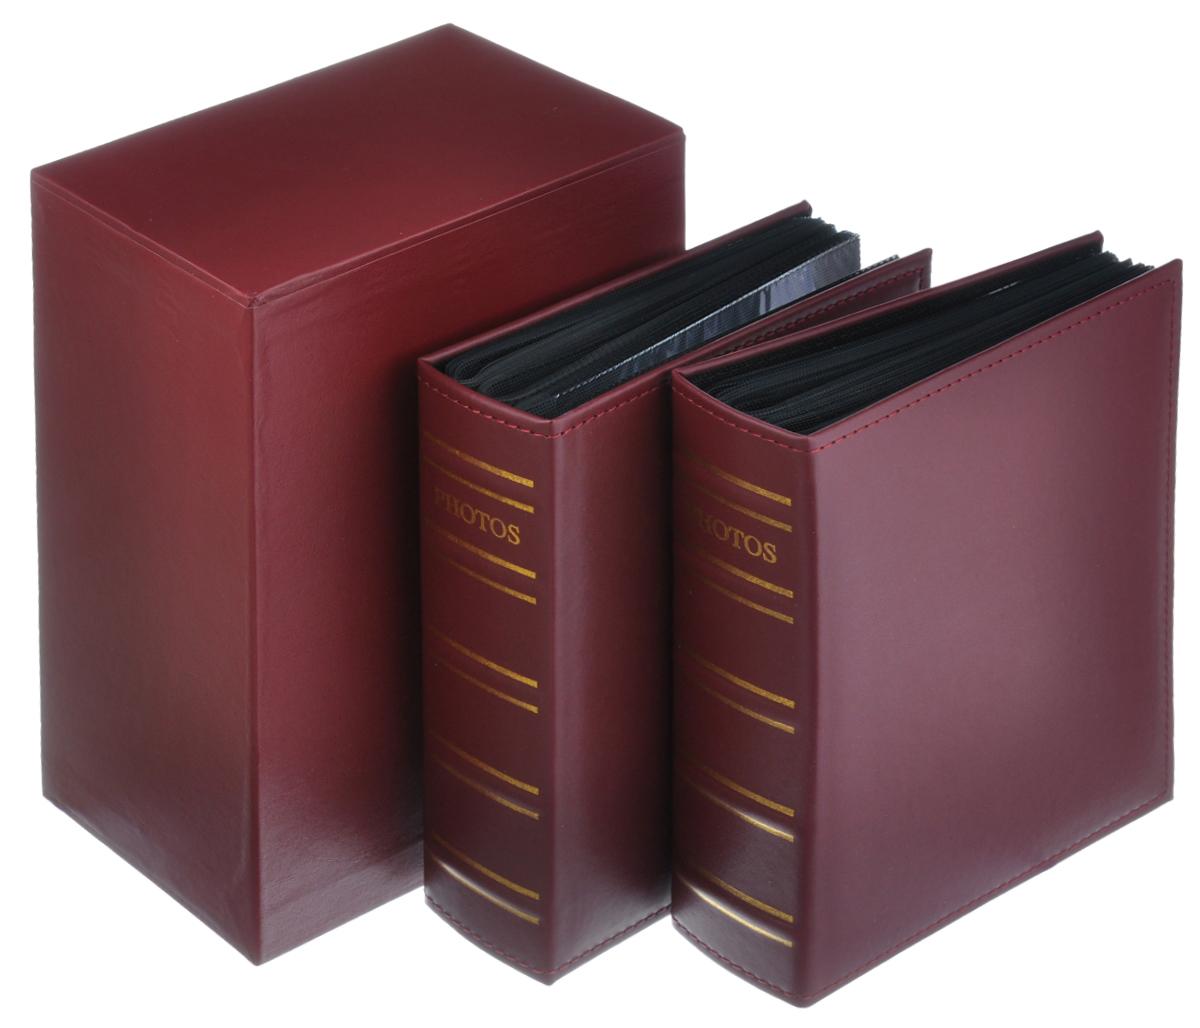 Набор фотоальбомов Image Art, 200 фотографий, 10 см х 15 см, 2 шт. Art -400Art -400Набор Image Art, состоящий из двух фотоальбомов, поможет красиво оформить ваши фотографии. Обложки фотоальбомов выполнены из толстого картона, обтянутого искусственной кожей. Внутри содержится блок из 50 листов с фиксаторами-окошками из ПВХ. Каждый альбом рассчитан на 200 фотографий формата 10 см х 15 см (по 2 фотографии на странице). Переплет - книжный. Альбомы вставляются в подарочную коробку, оснащенную ящиком для хранения различных мелочей.Нам всегда так приятно вспоминать о самых счастливых моментах жизни, запечатленных на фотографиях. Поэтому фотоальбом является универсальным подарком к любому празднику.Комплектация: 2 шт.Количество листов в одном альбоме: 50 шт.Число мест для фотографий в одном альбоме: 200 шт.Размер фотоальбома: 23 см х 18 см х 6 см.